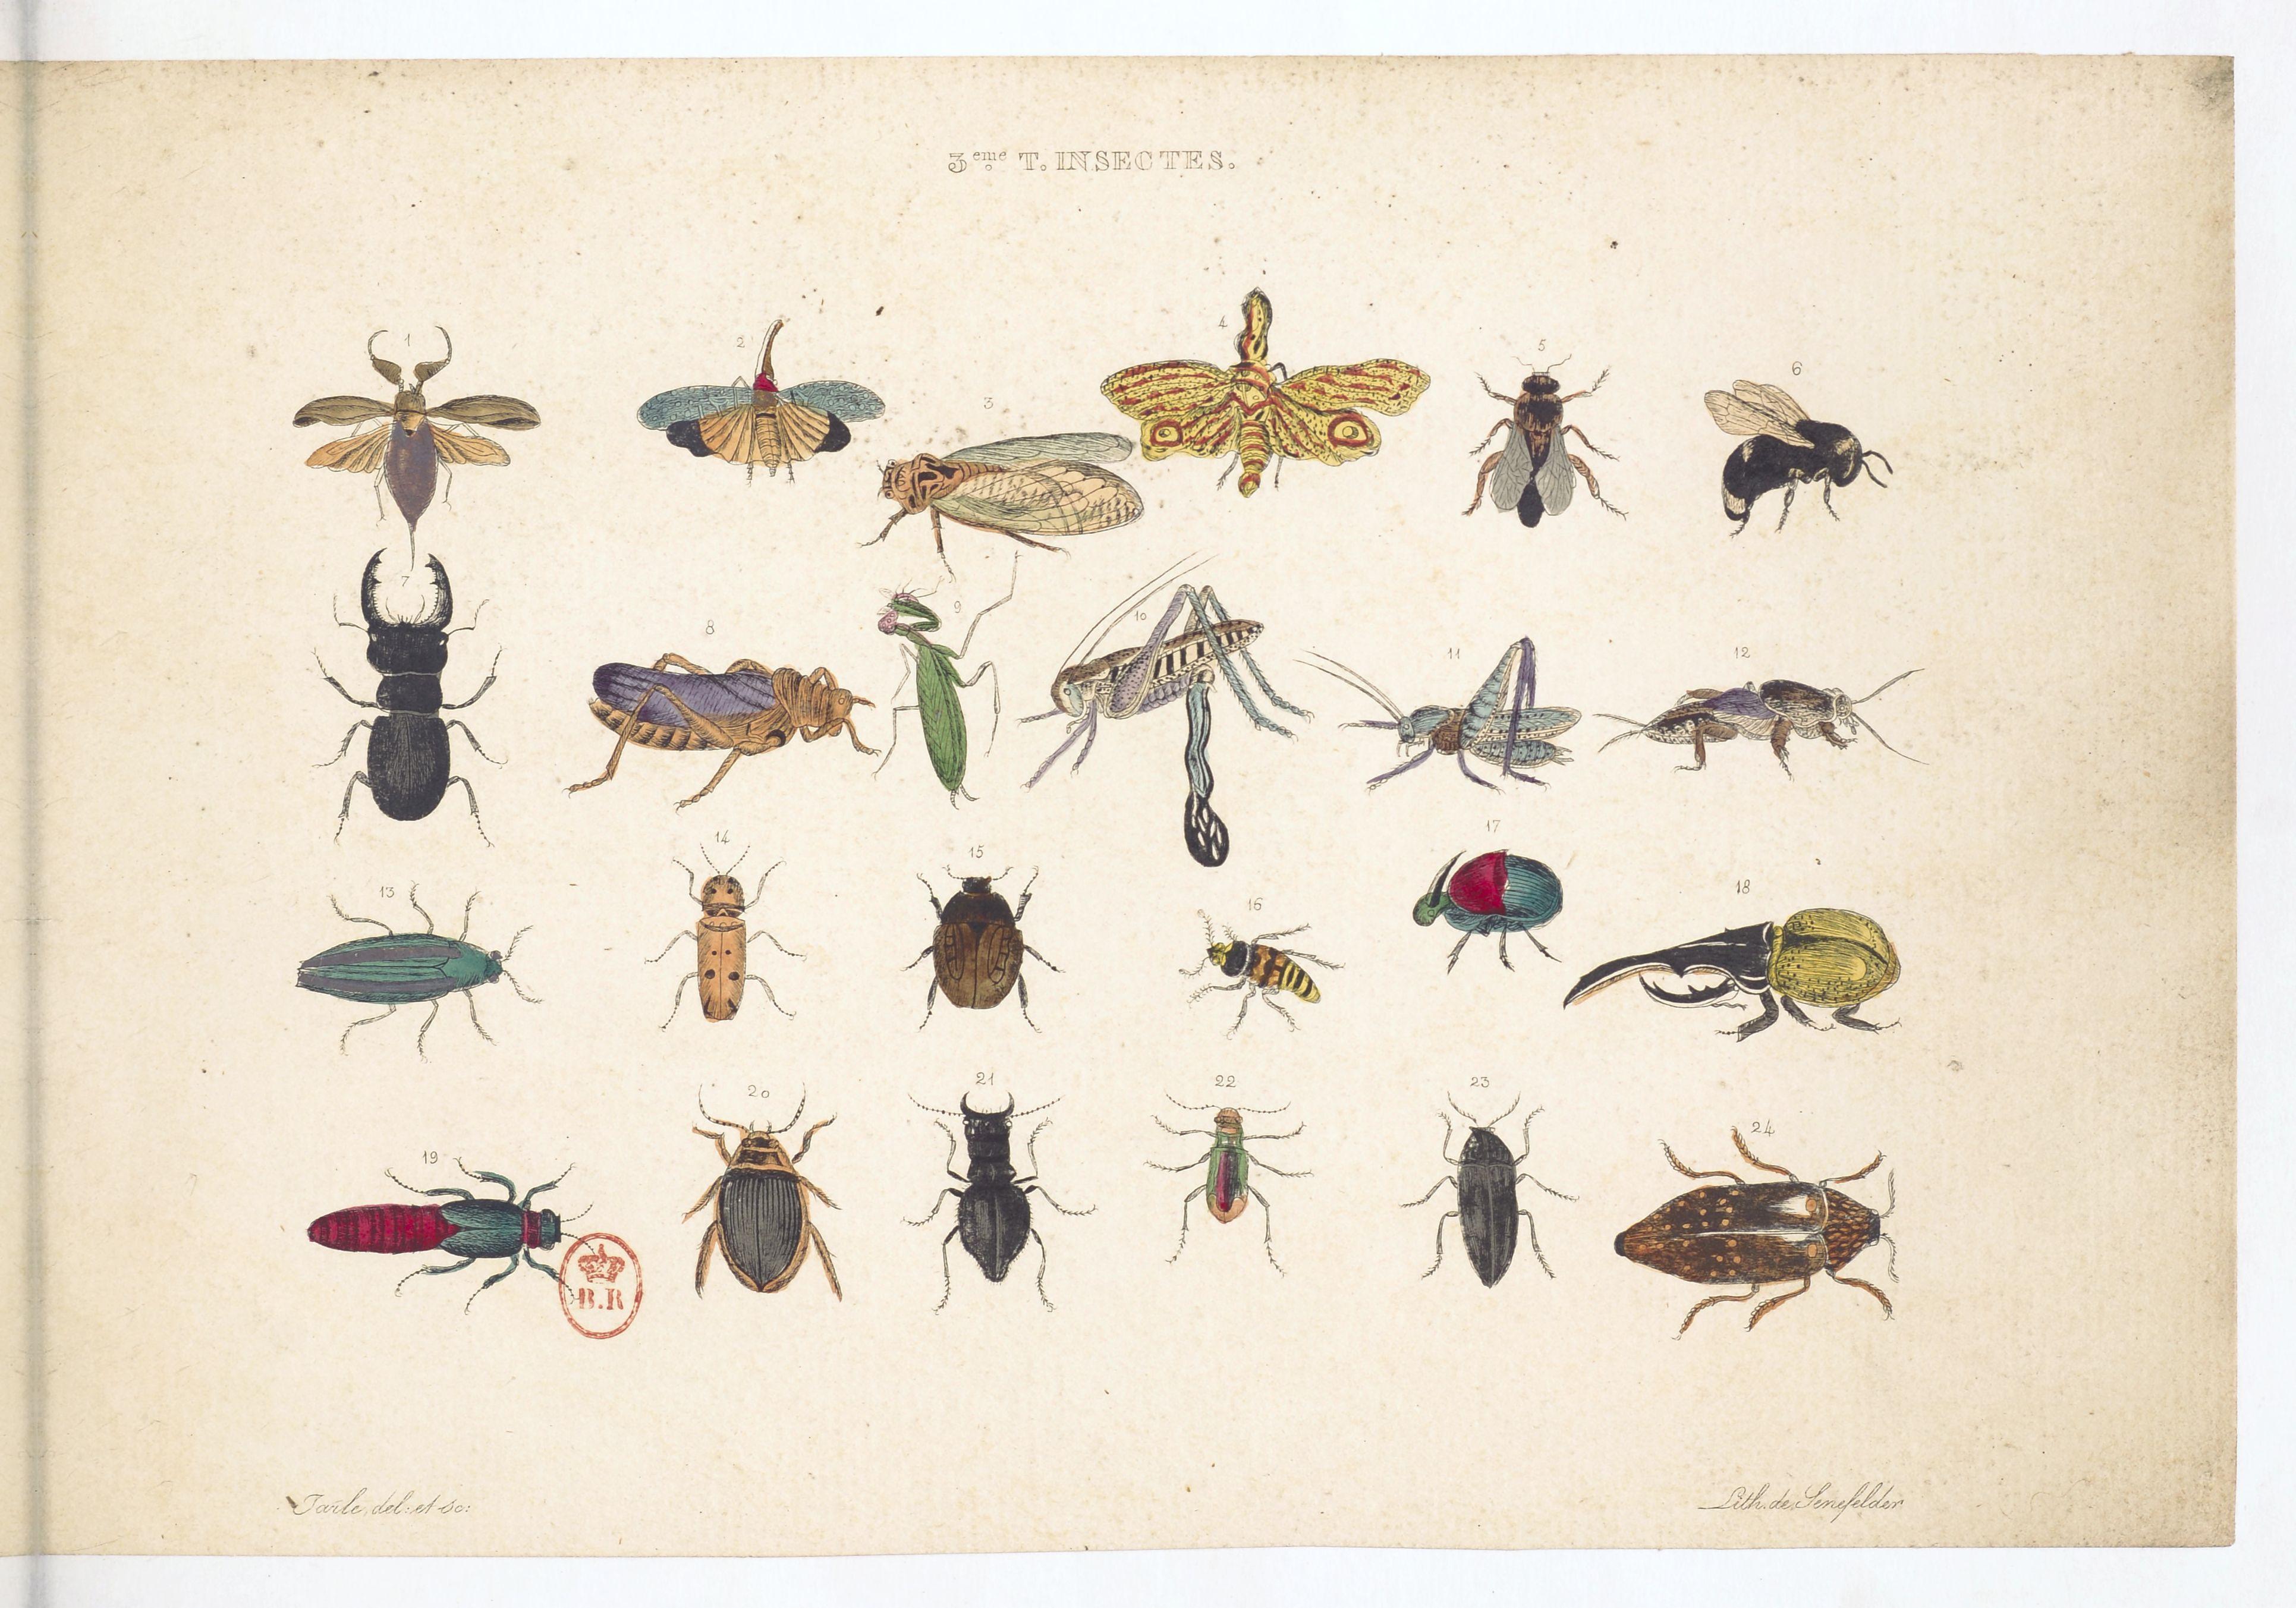 Planche sur les insectes